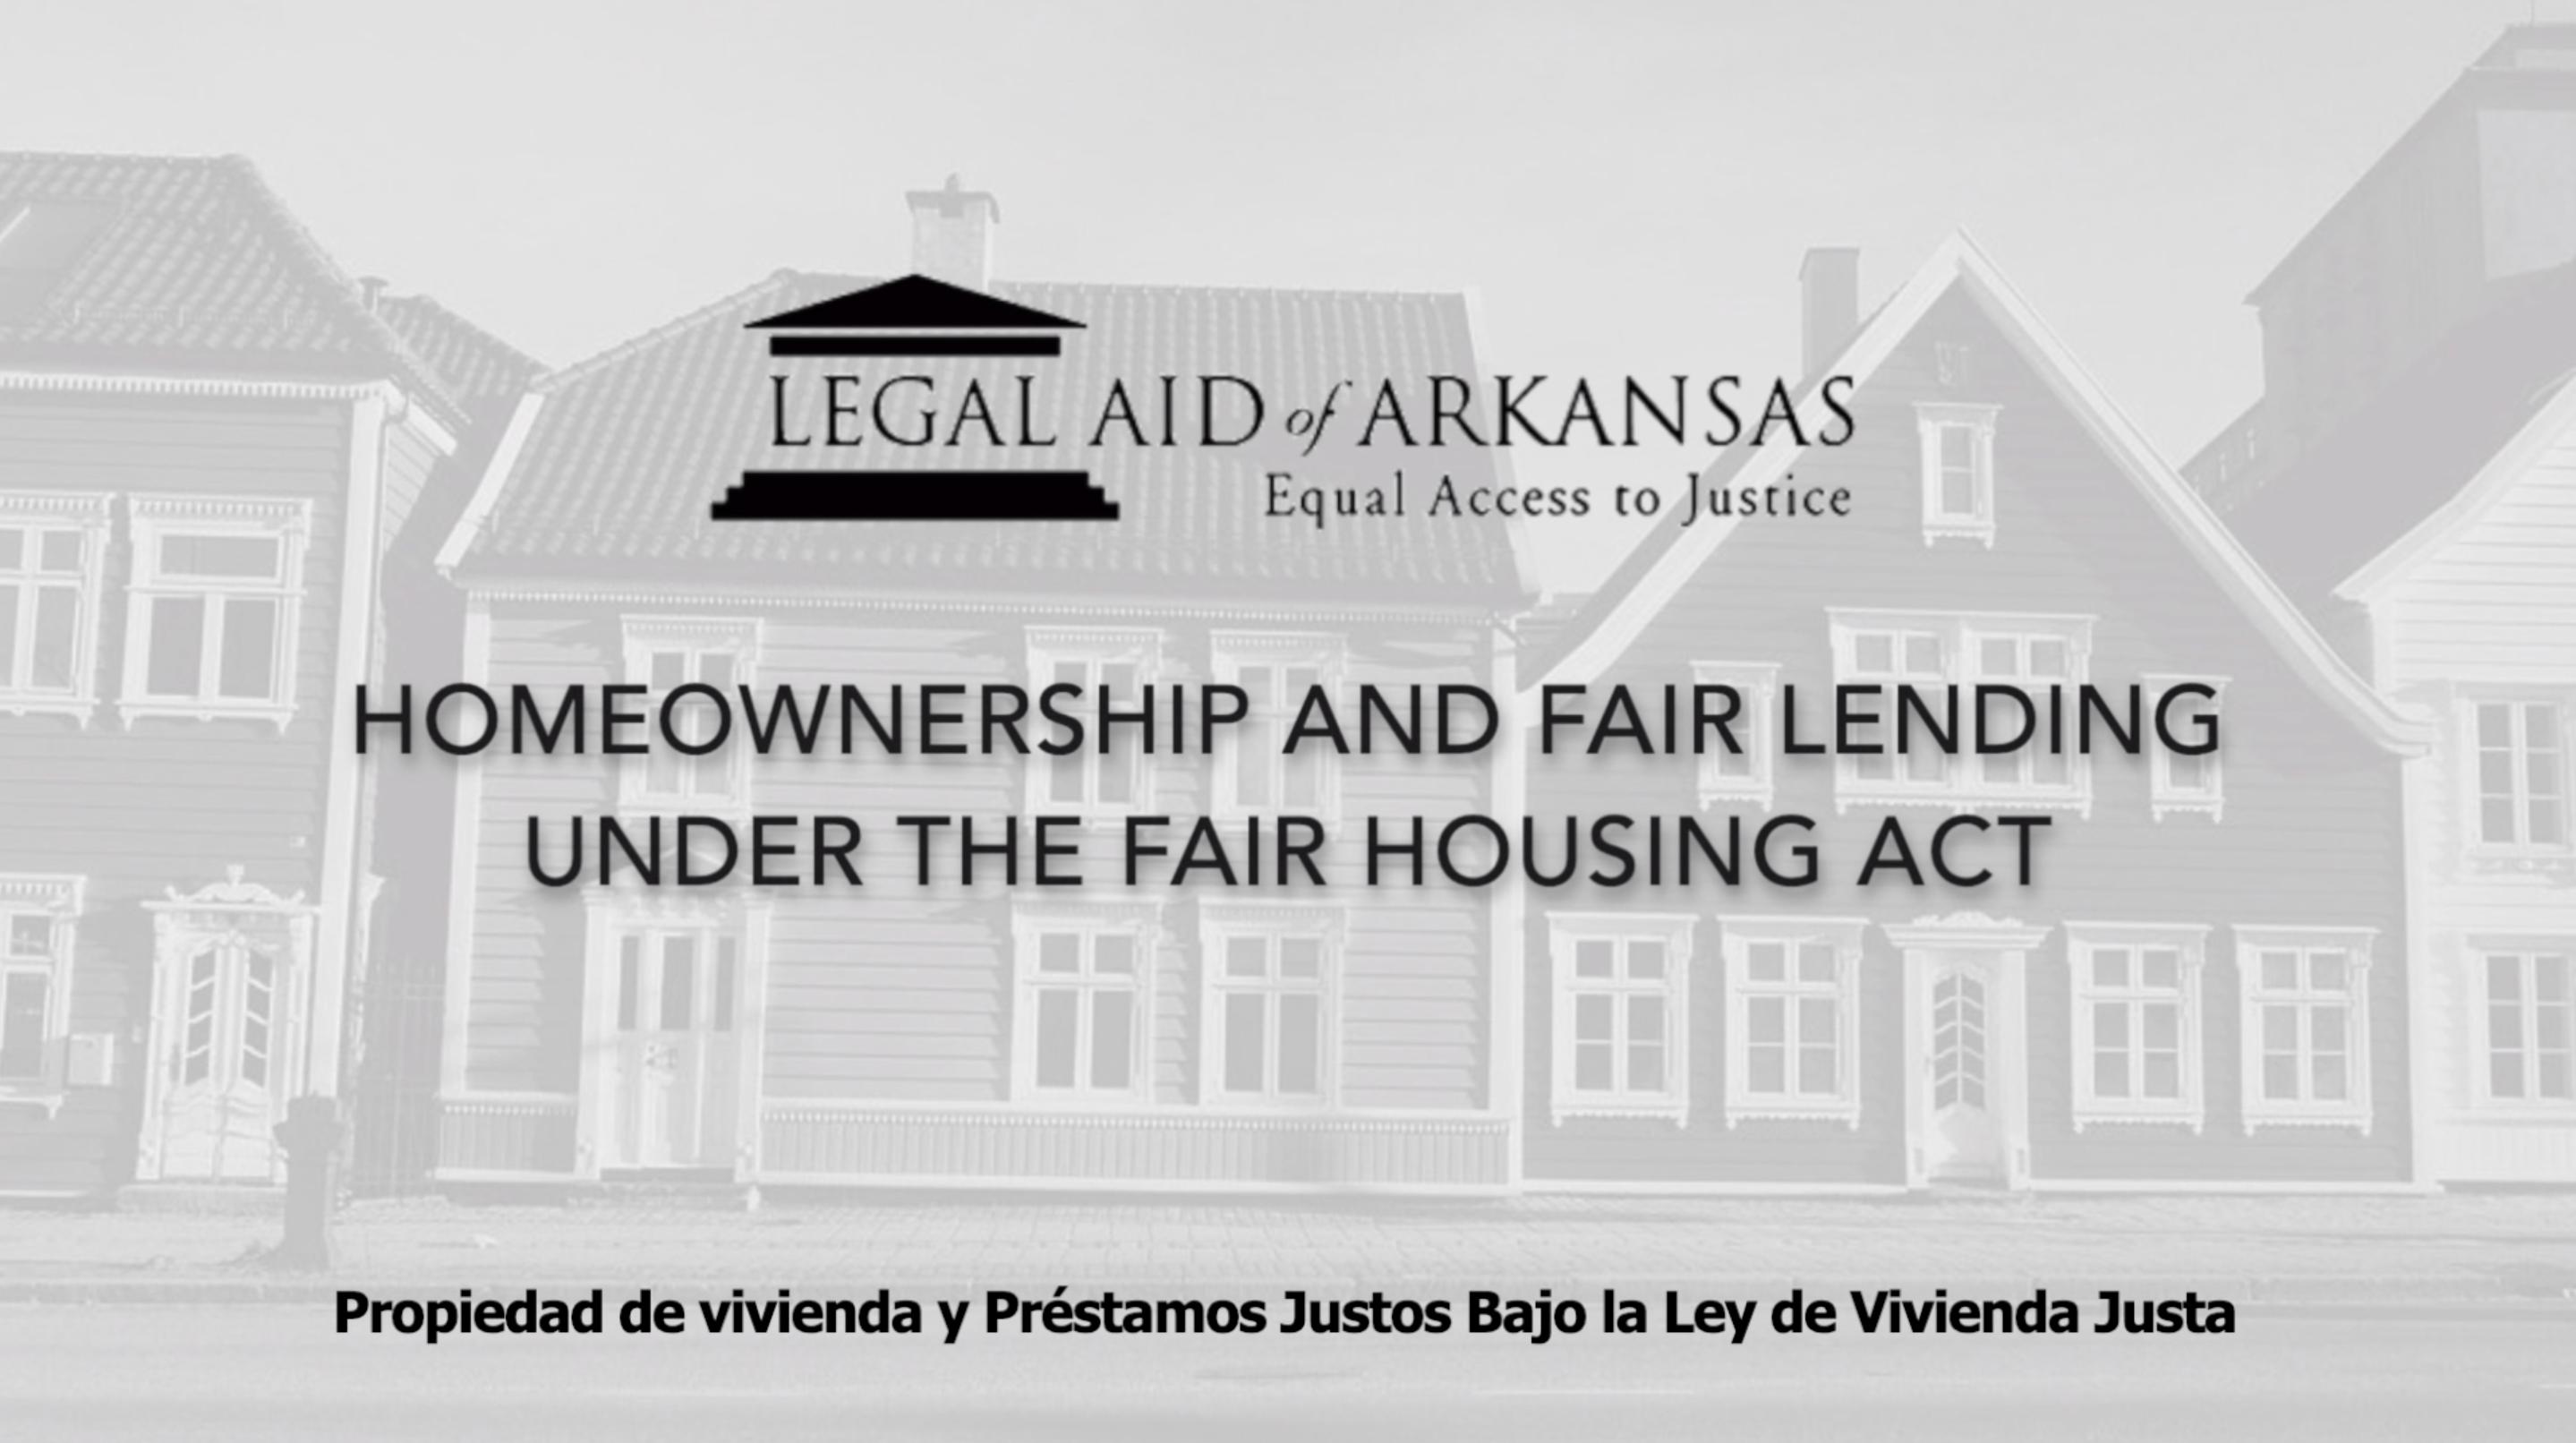 VIDEO - Propiedad de vivienda y Préstamos Justos Bajo la Ley de Vivienda Justa